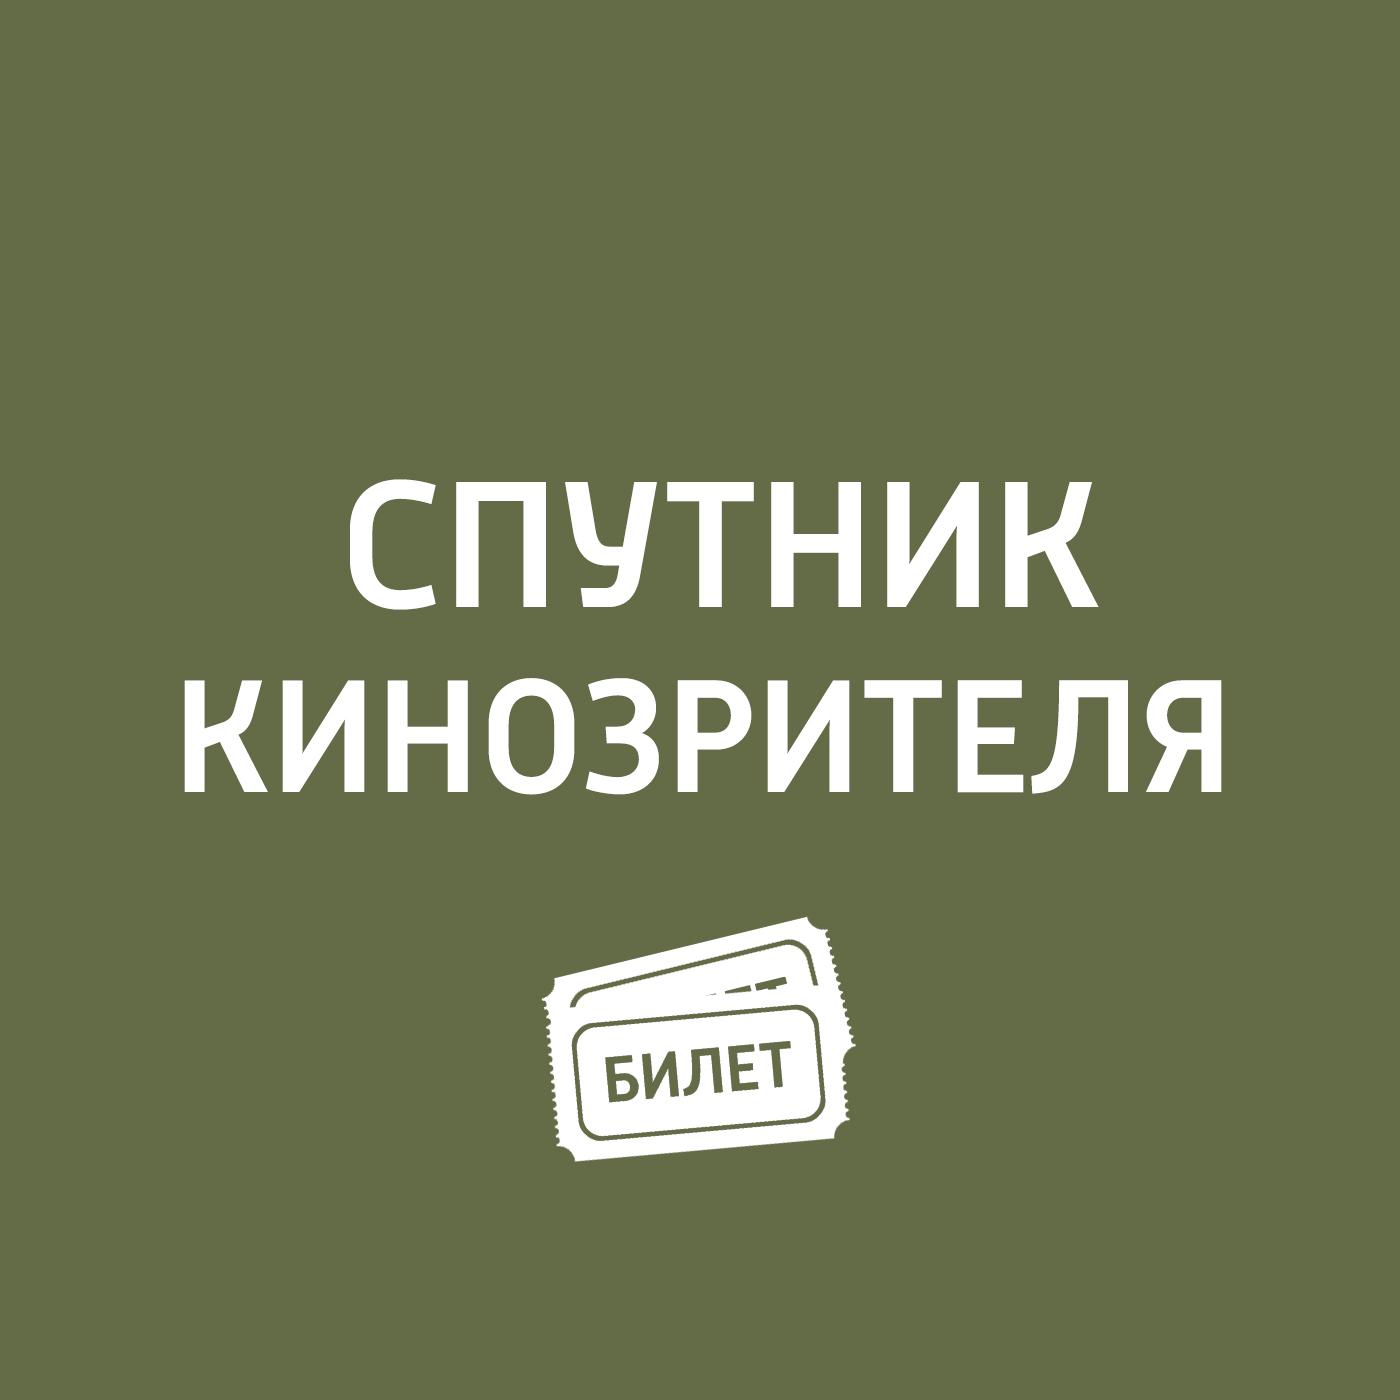 Антон Долин Итоги премии Оскар-2016 антон долин итоги премии оскар 2017